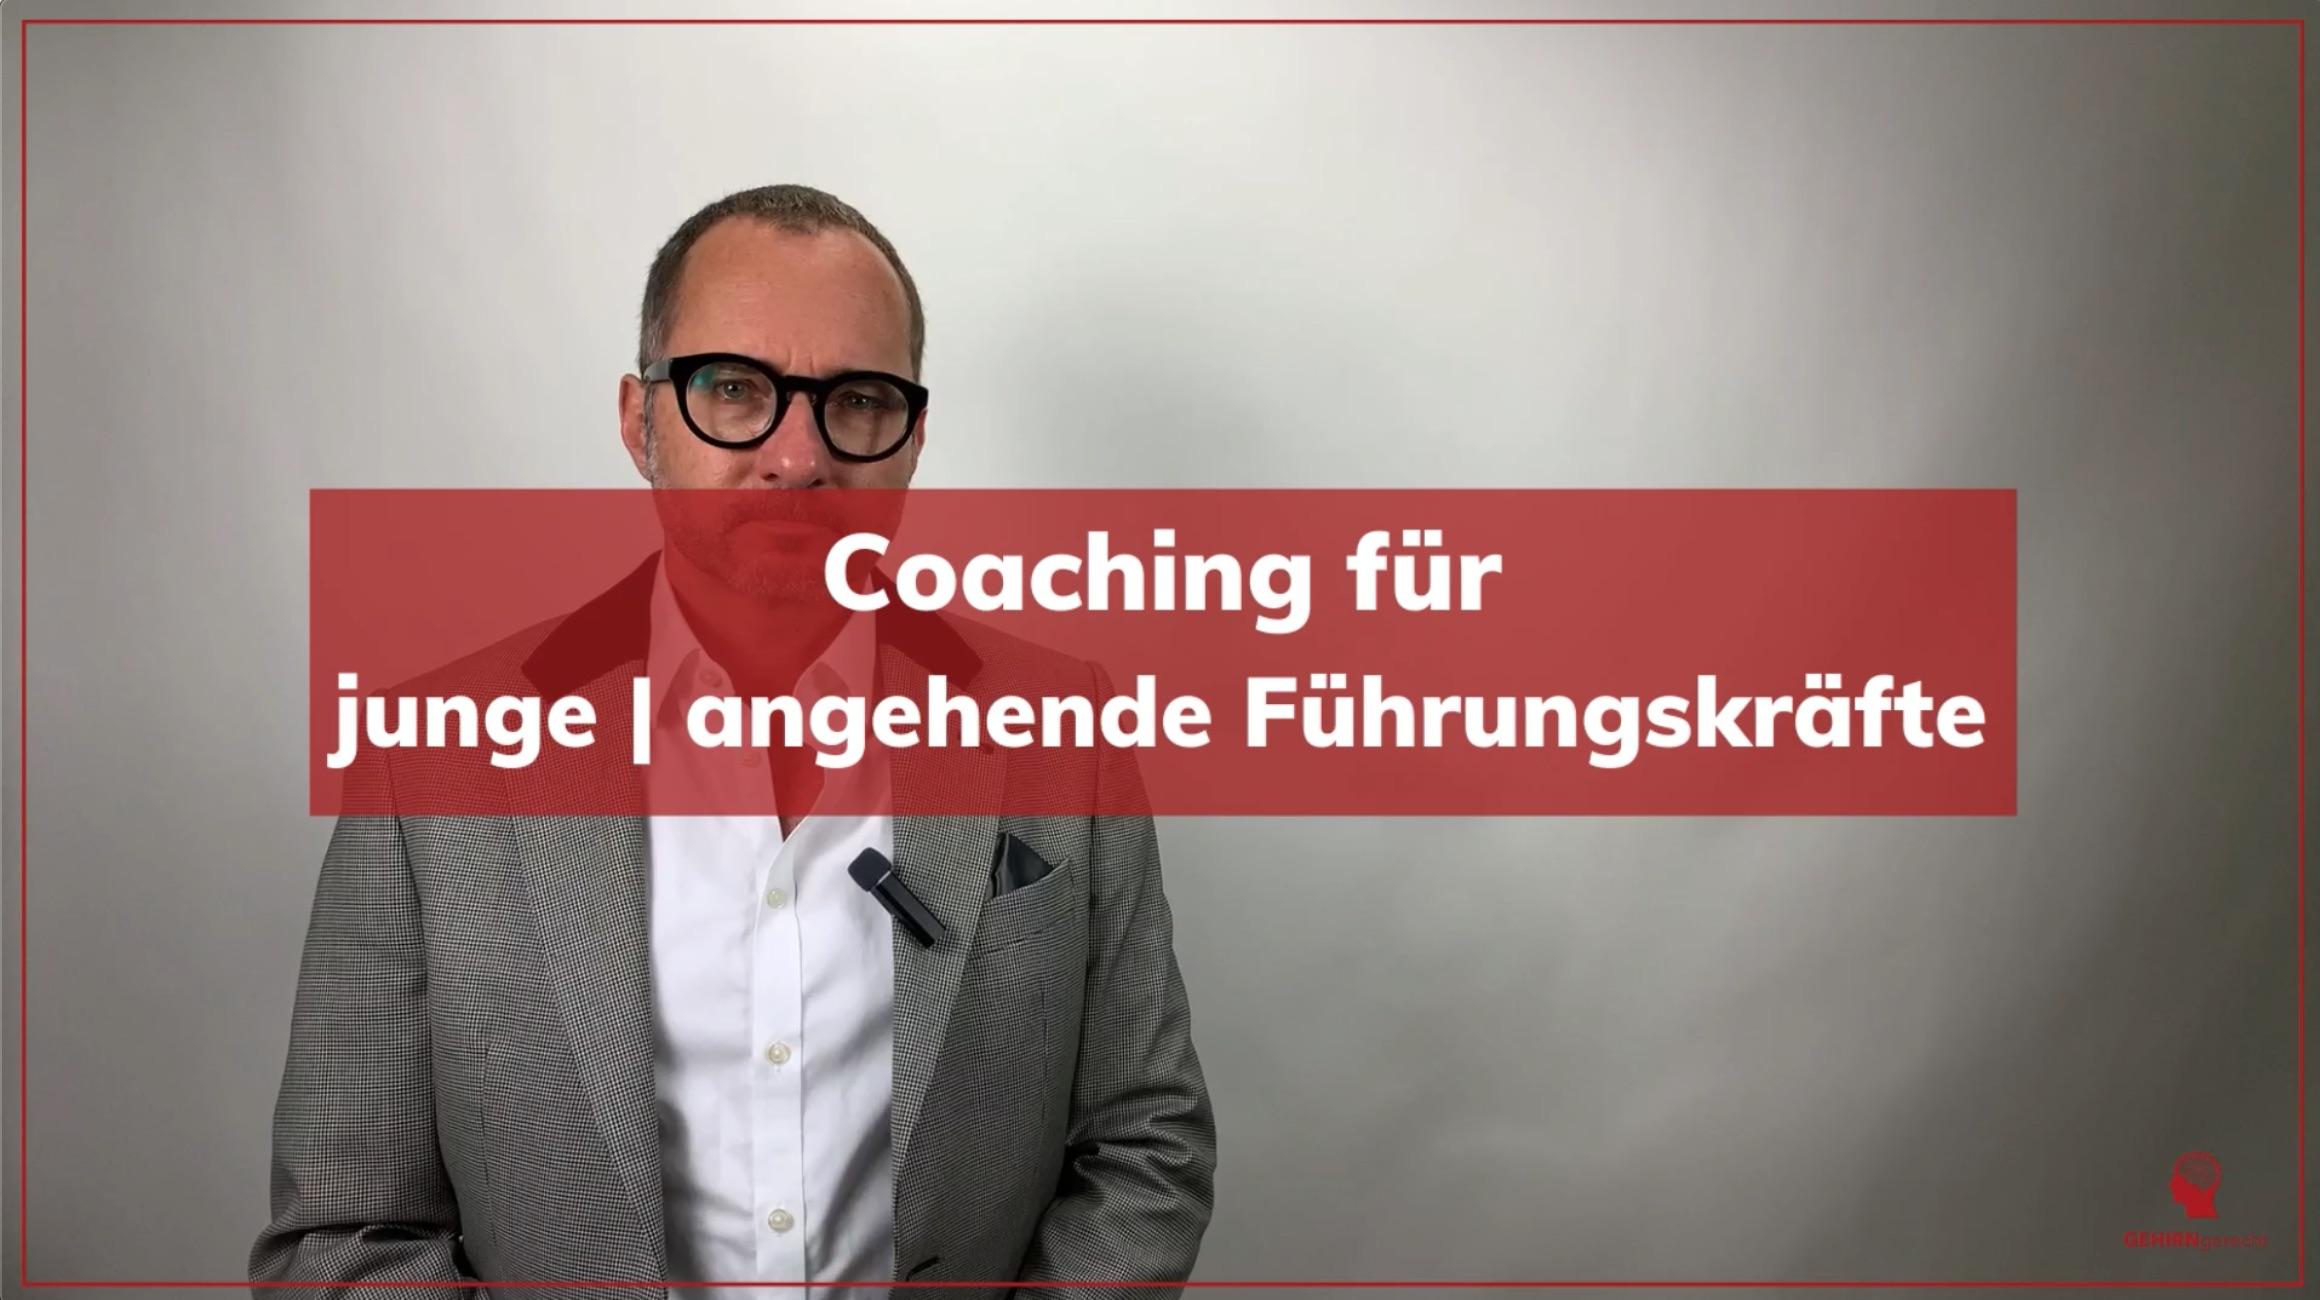 Coaching für junge | angehende Führungskräfte